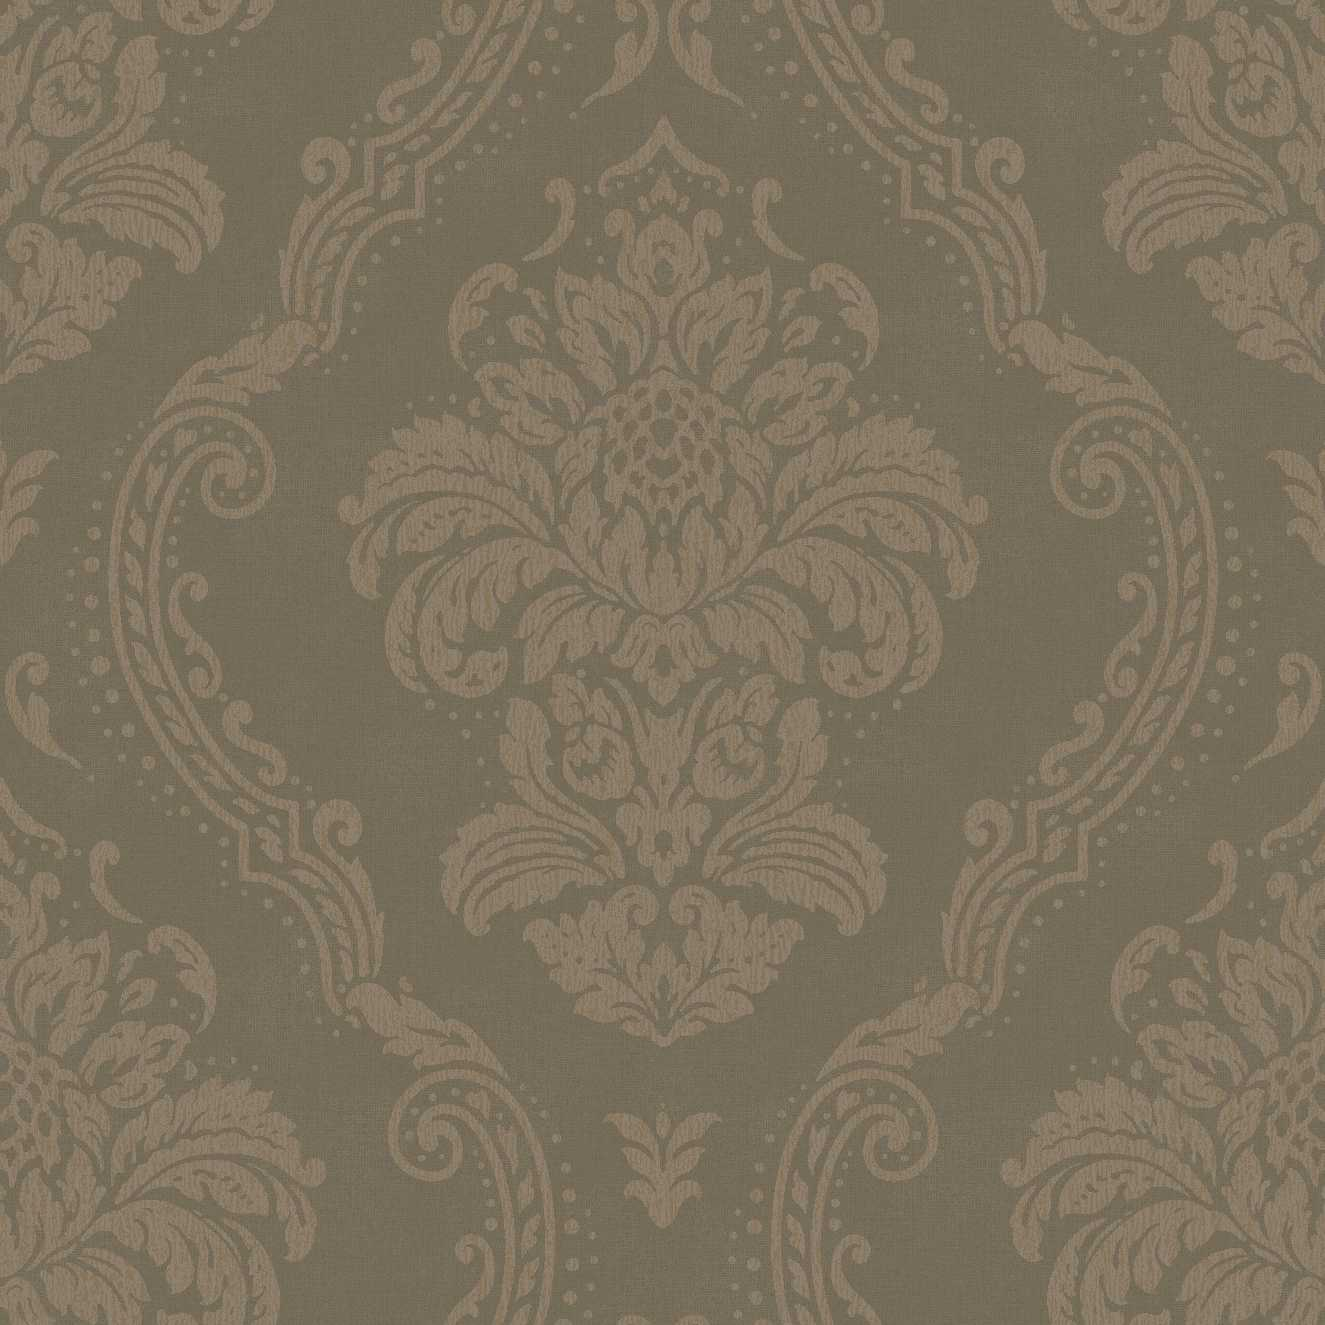 Английские обои Arthouse,  коллекция Scintillio, артикул290200